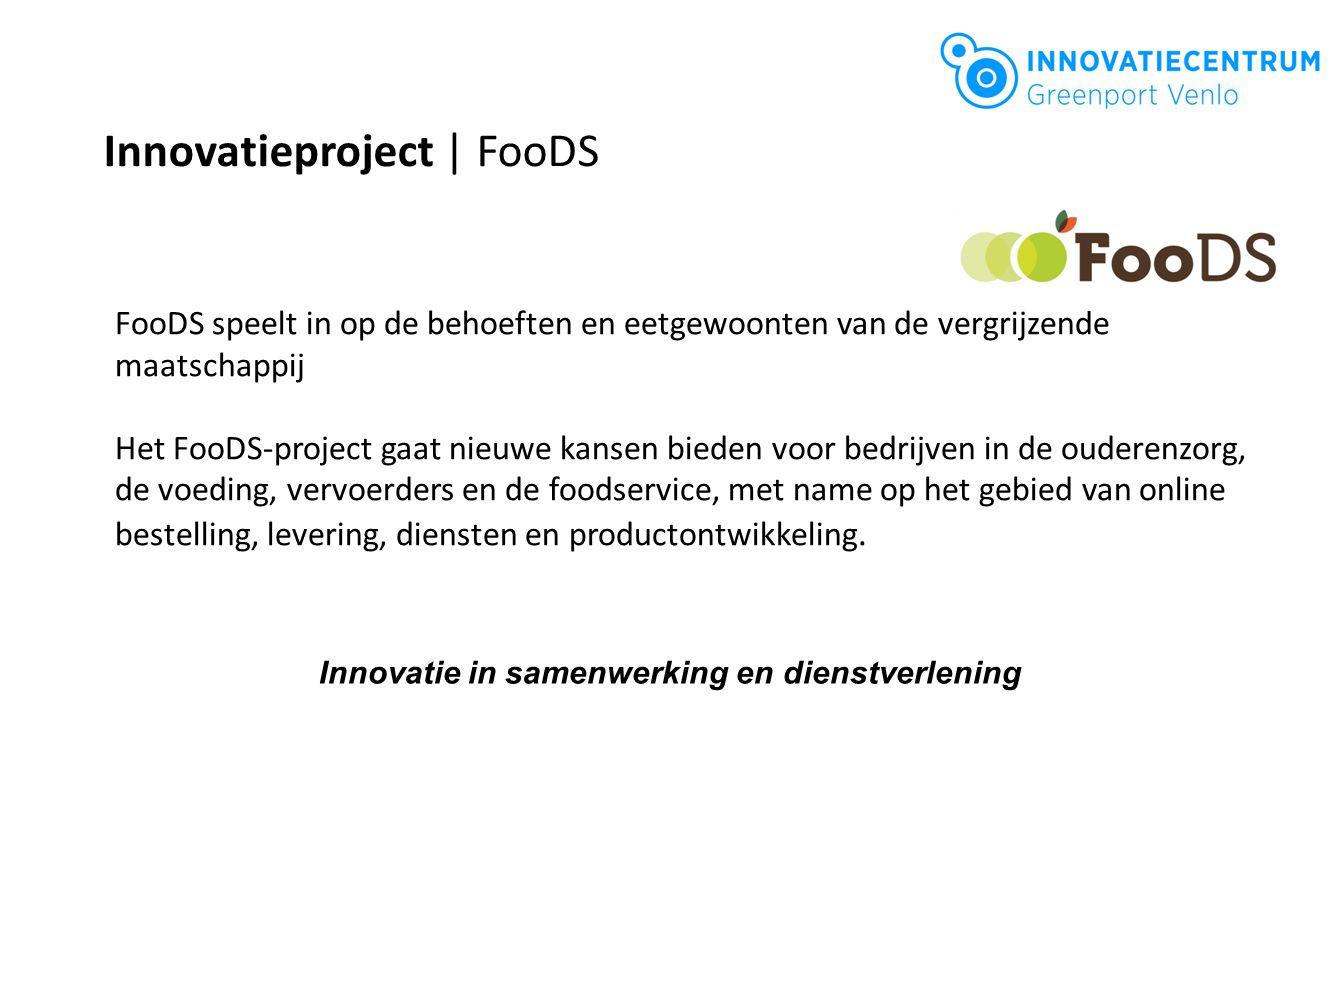 FooDS speelt in op de behoeften en eetgewoonten van de vergrijzende maatschappij Het FooDS-project gaat nieuwe kansen bieden voor bedrijven in de oude